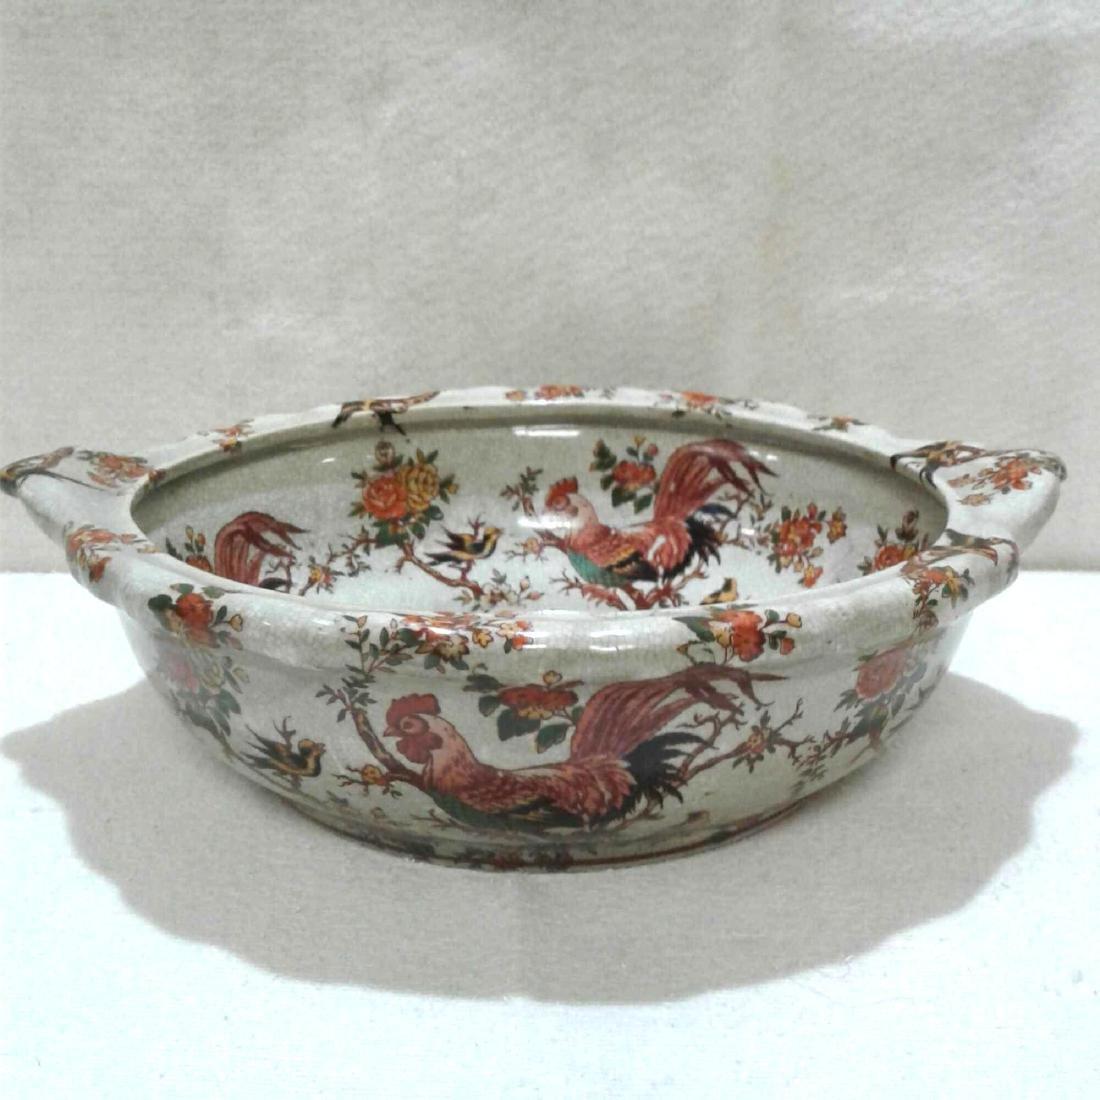 Chinese Ceramic Fish Bowl